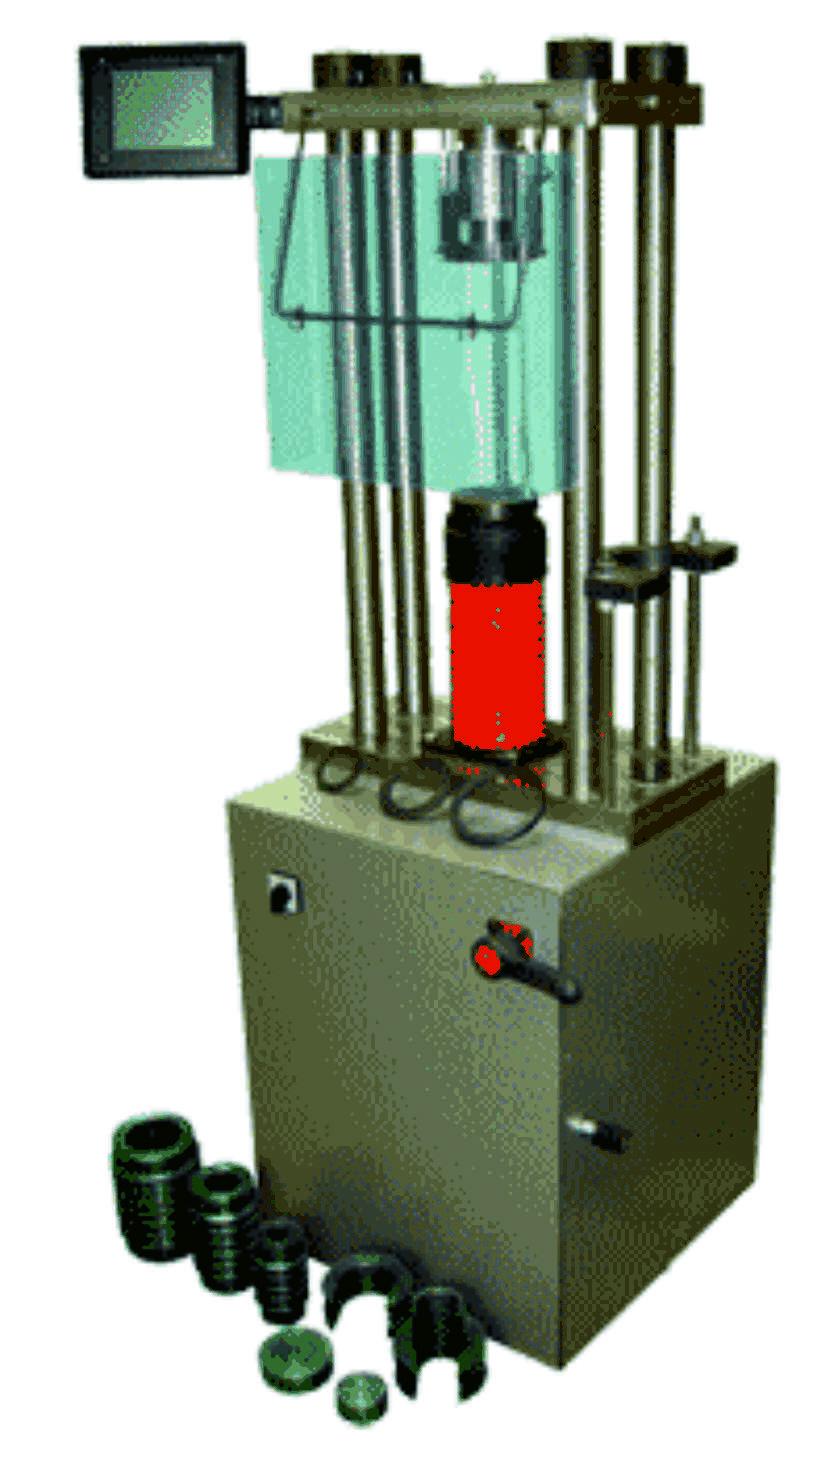 Машина для испытания на сжатие ИП-1А-500 АБ (500кН) (испытание бетона изготовление а/б образцов)